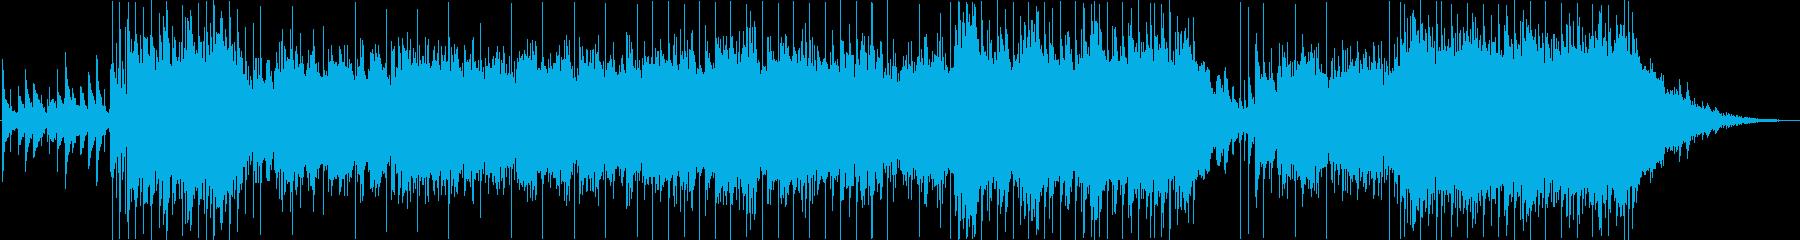 アヴェ・マリアのバンドアレンジの再生済みの波形